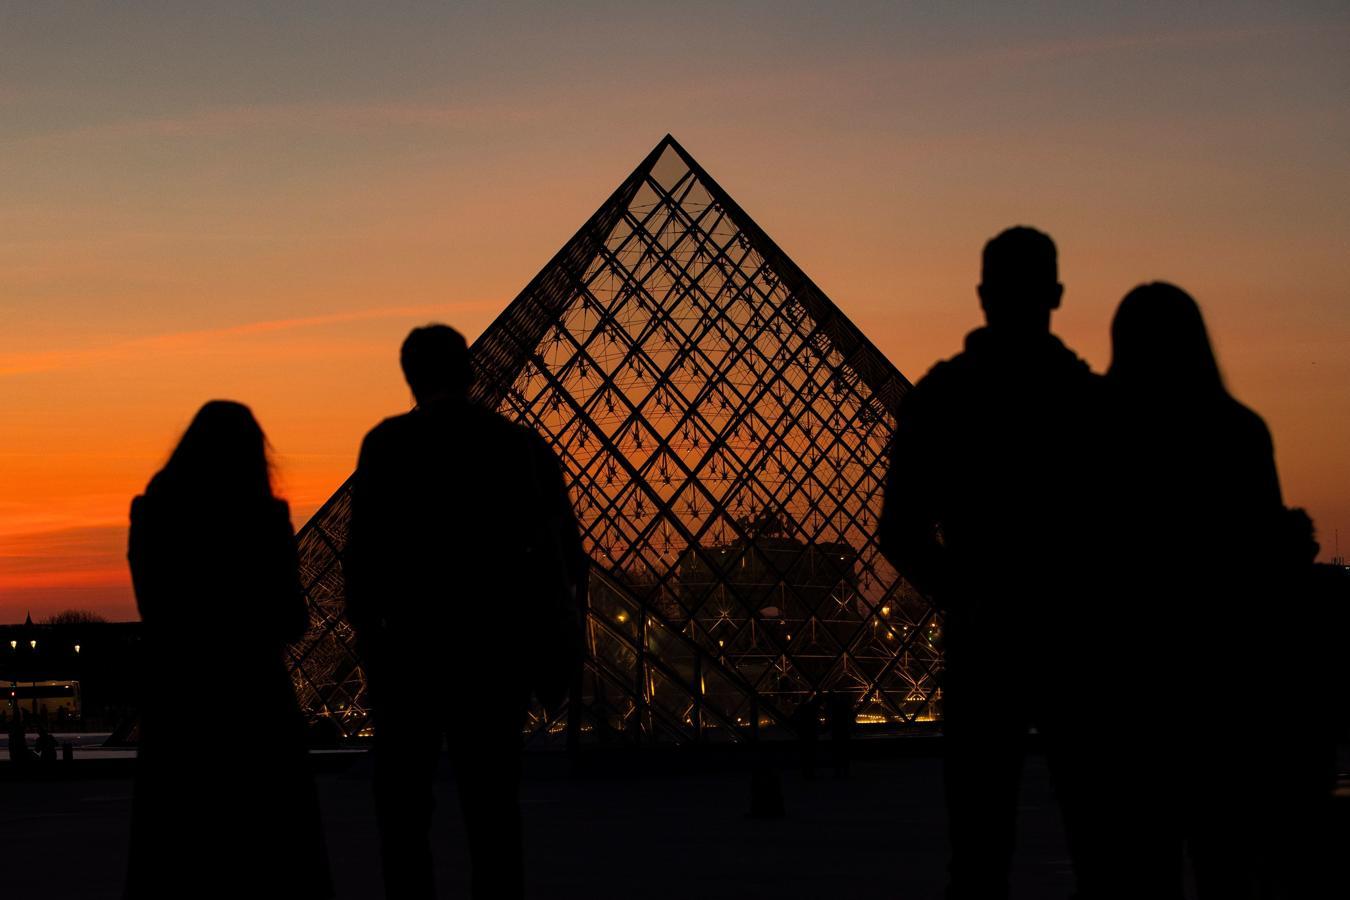 La pirámide que cambió el acceso al Louvre